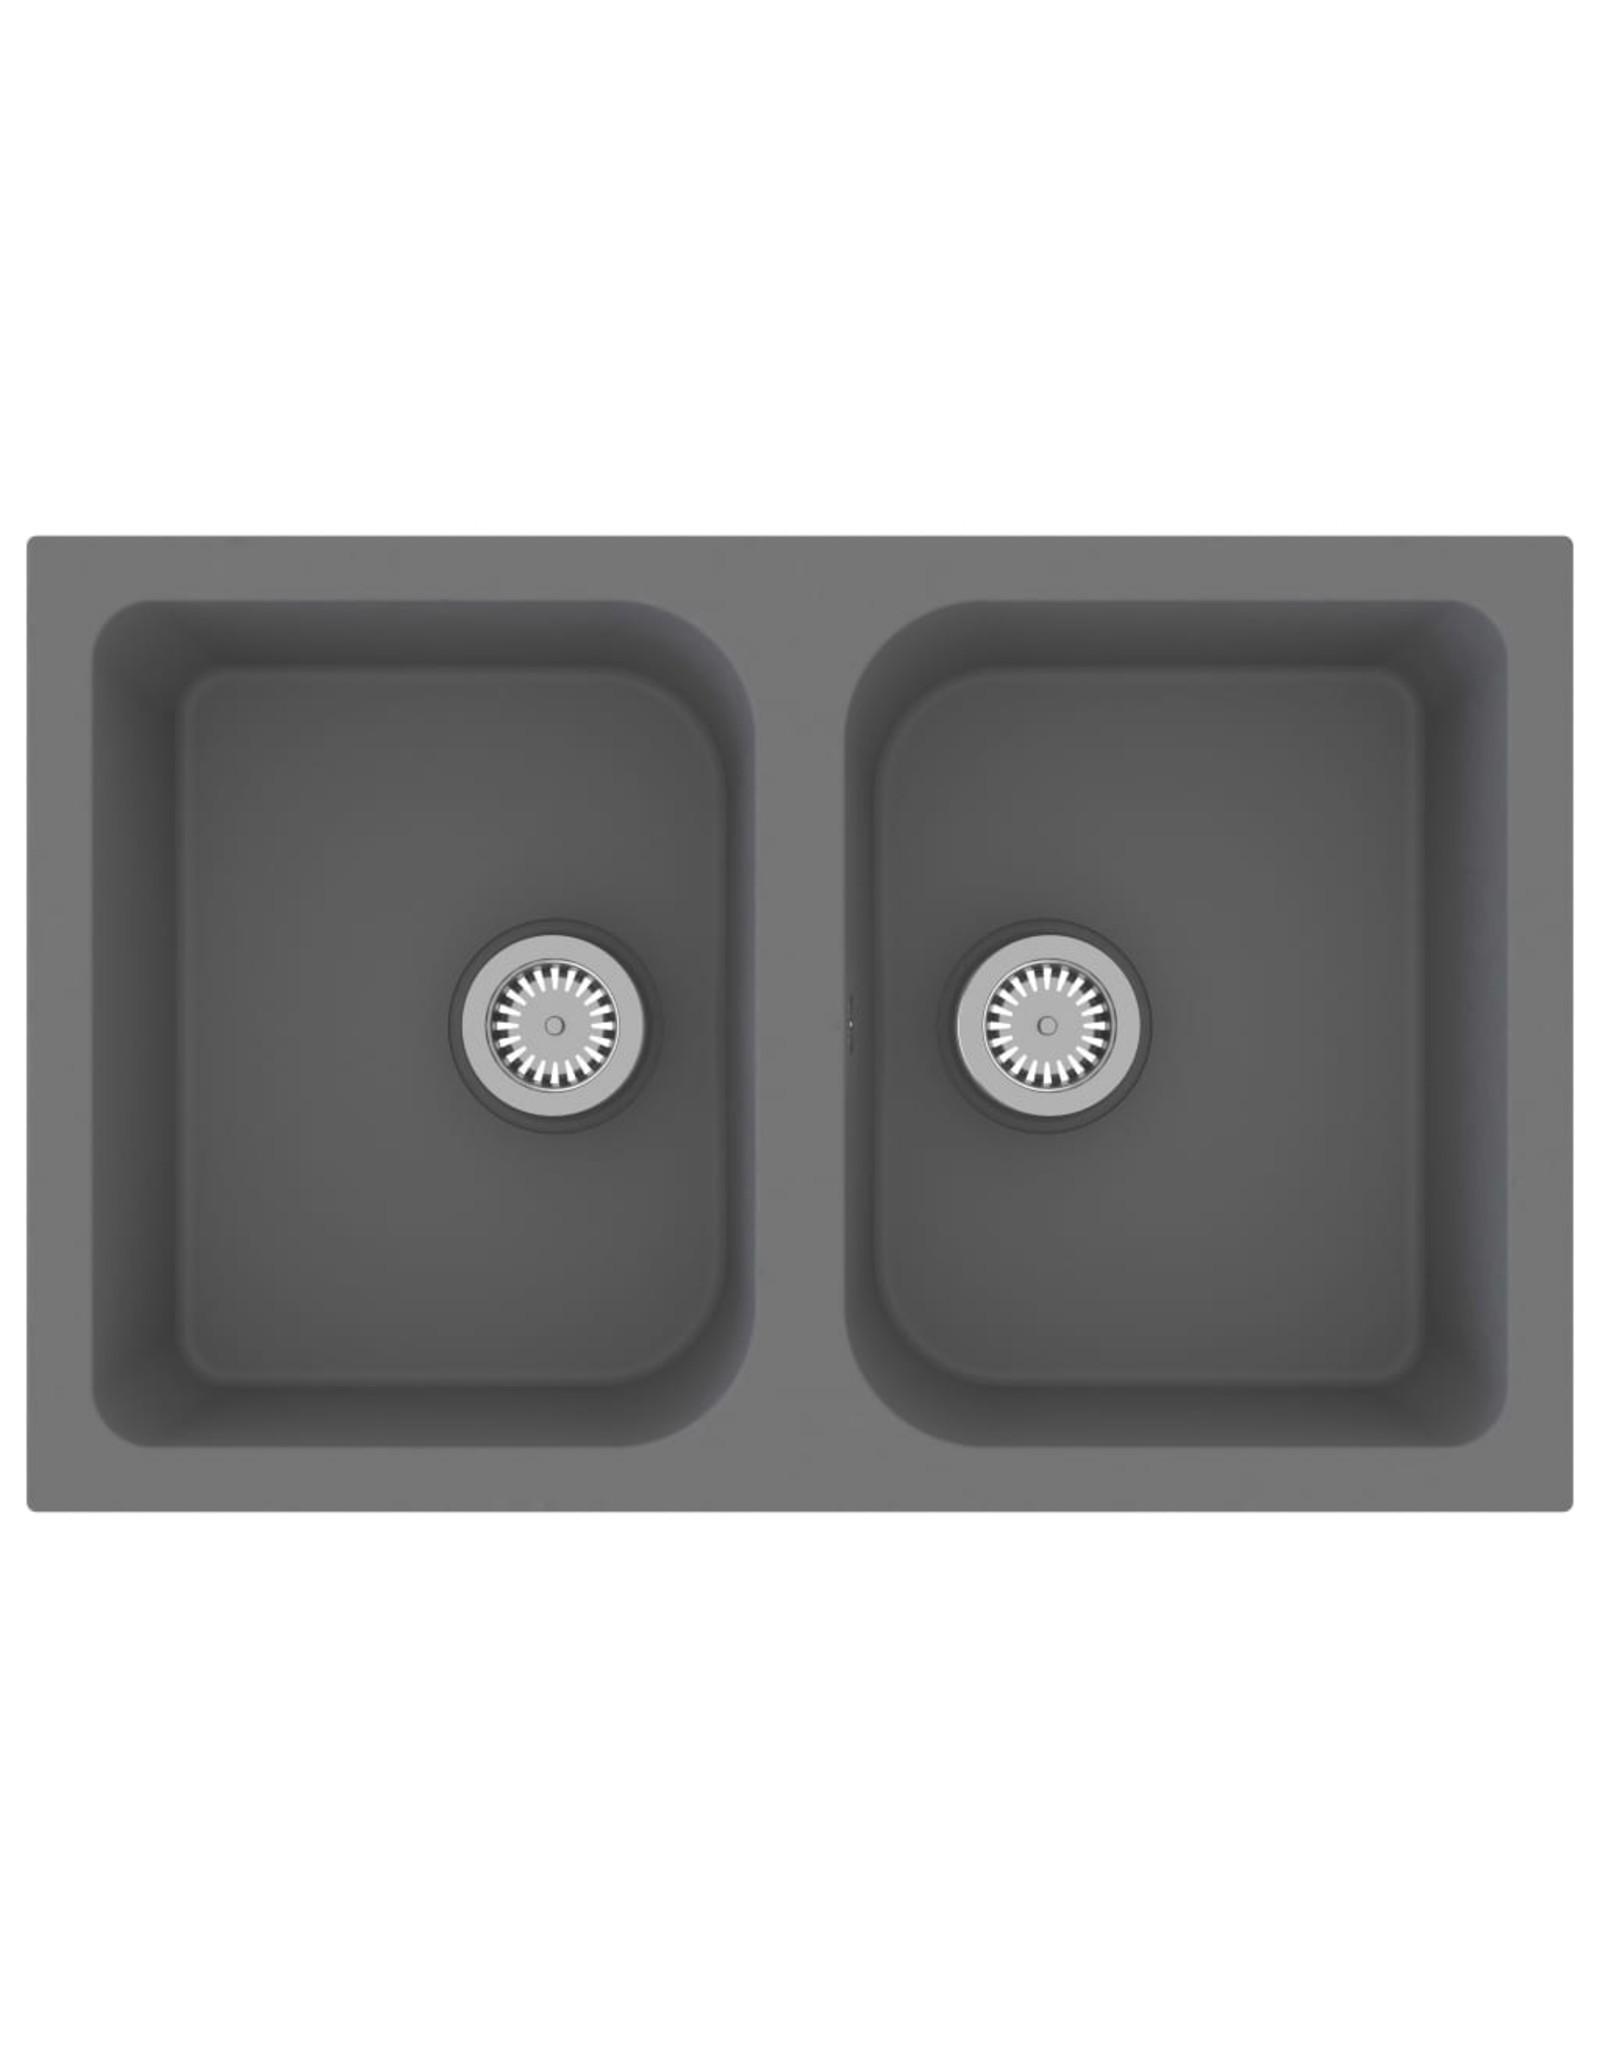 Gootsteen dubbele bakken met overloopgat graniet grijs